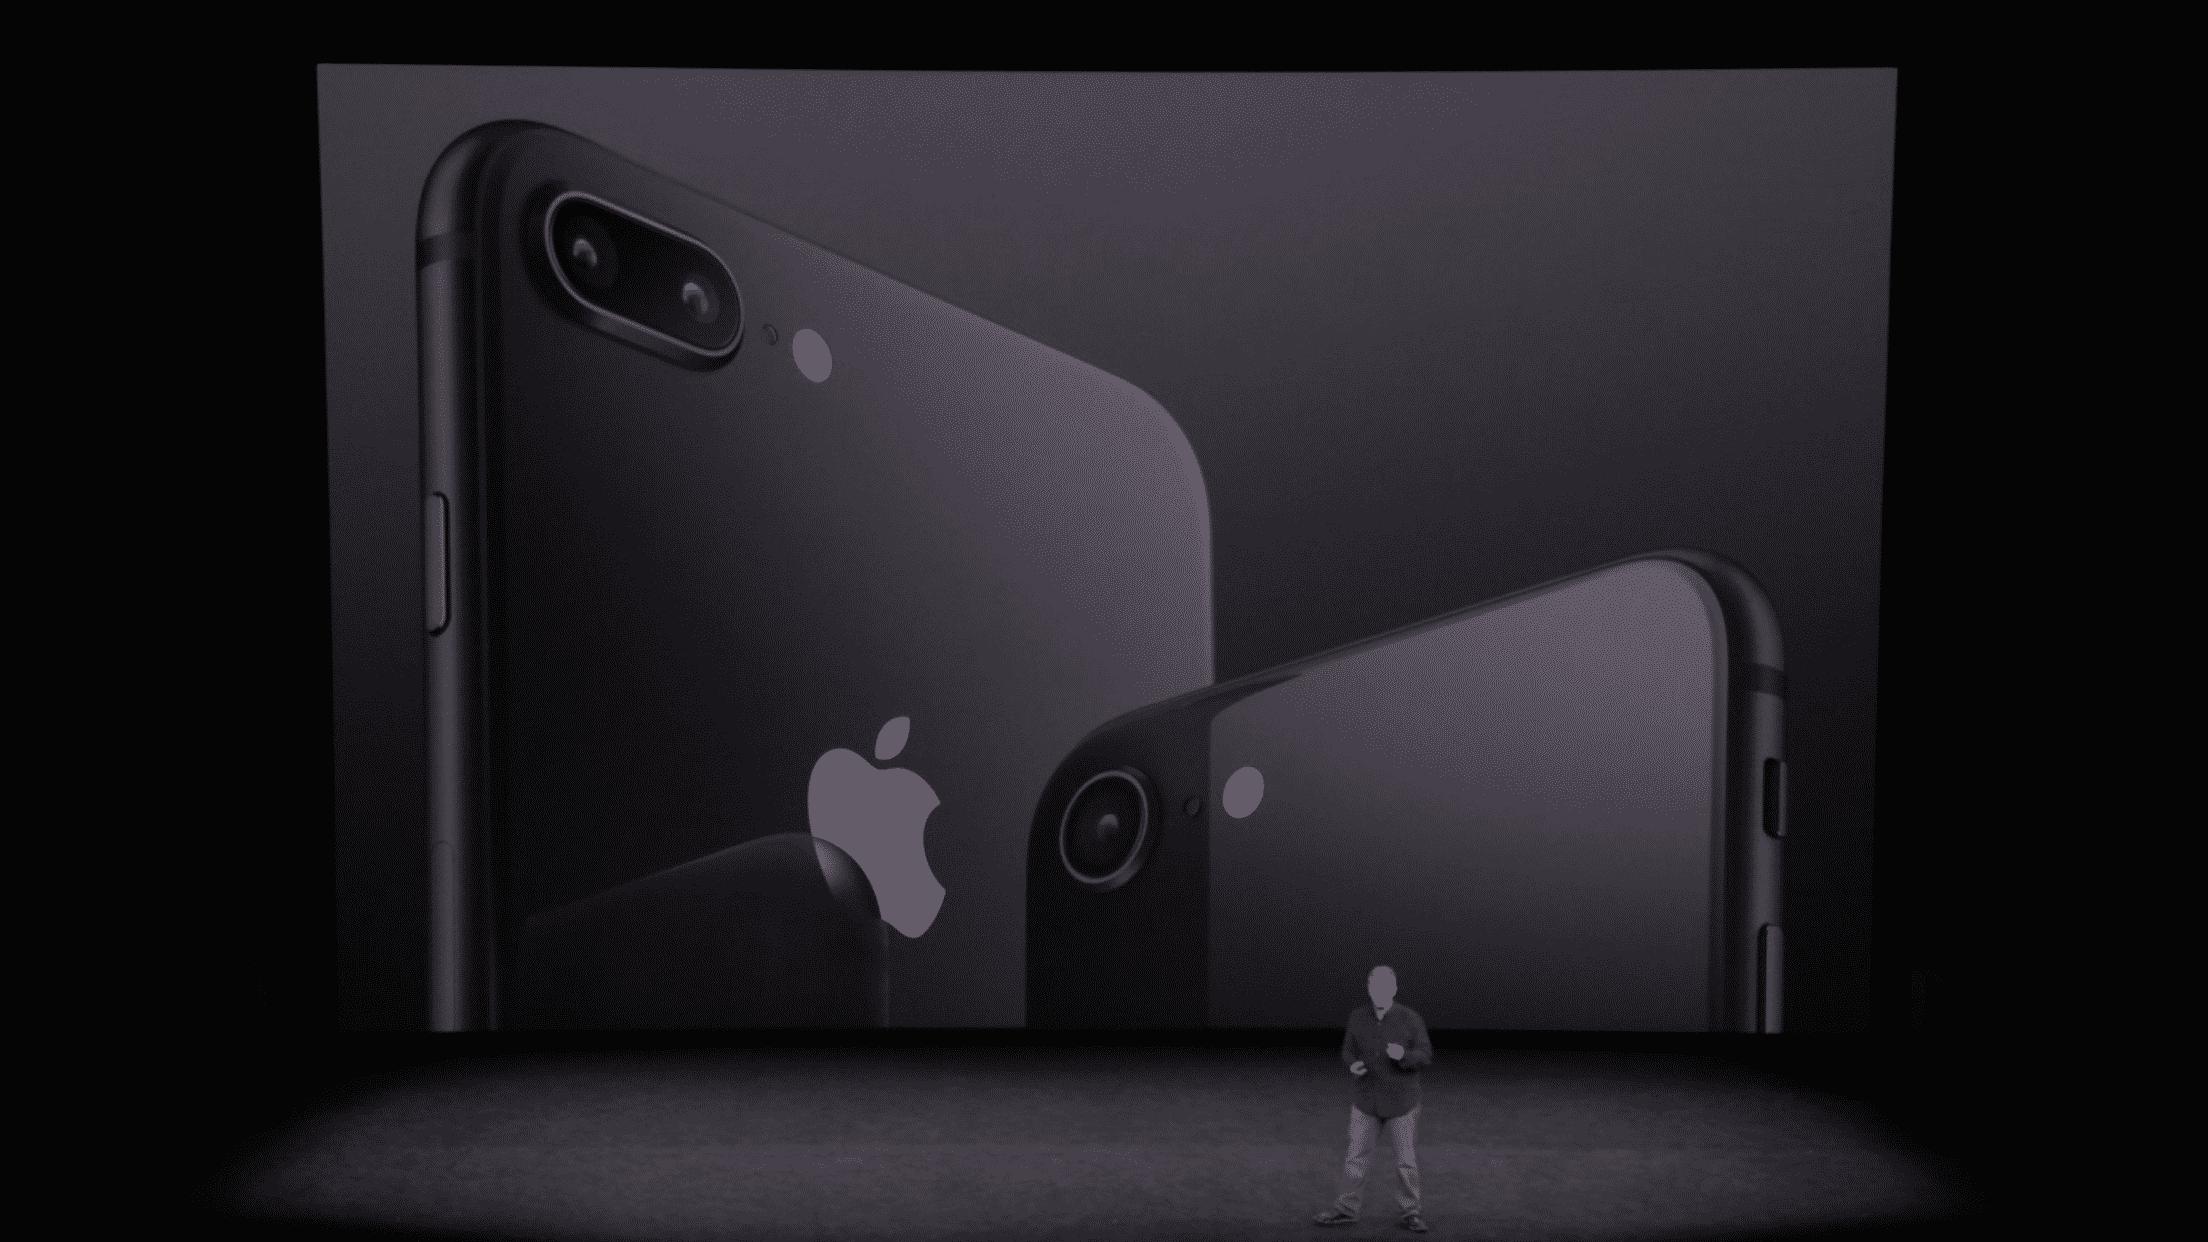 iPhone 8 và 8 Plus đến cuối tháng 10, đầu tháng 11 mới lên kệ chính thức. Tuy nhiên nhiều người dự đoán giá iPhone 7 và 7 Plus từ giờ đến lúc đó khó giảm thêm hoặc chỉ giảm rất nhẹ.